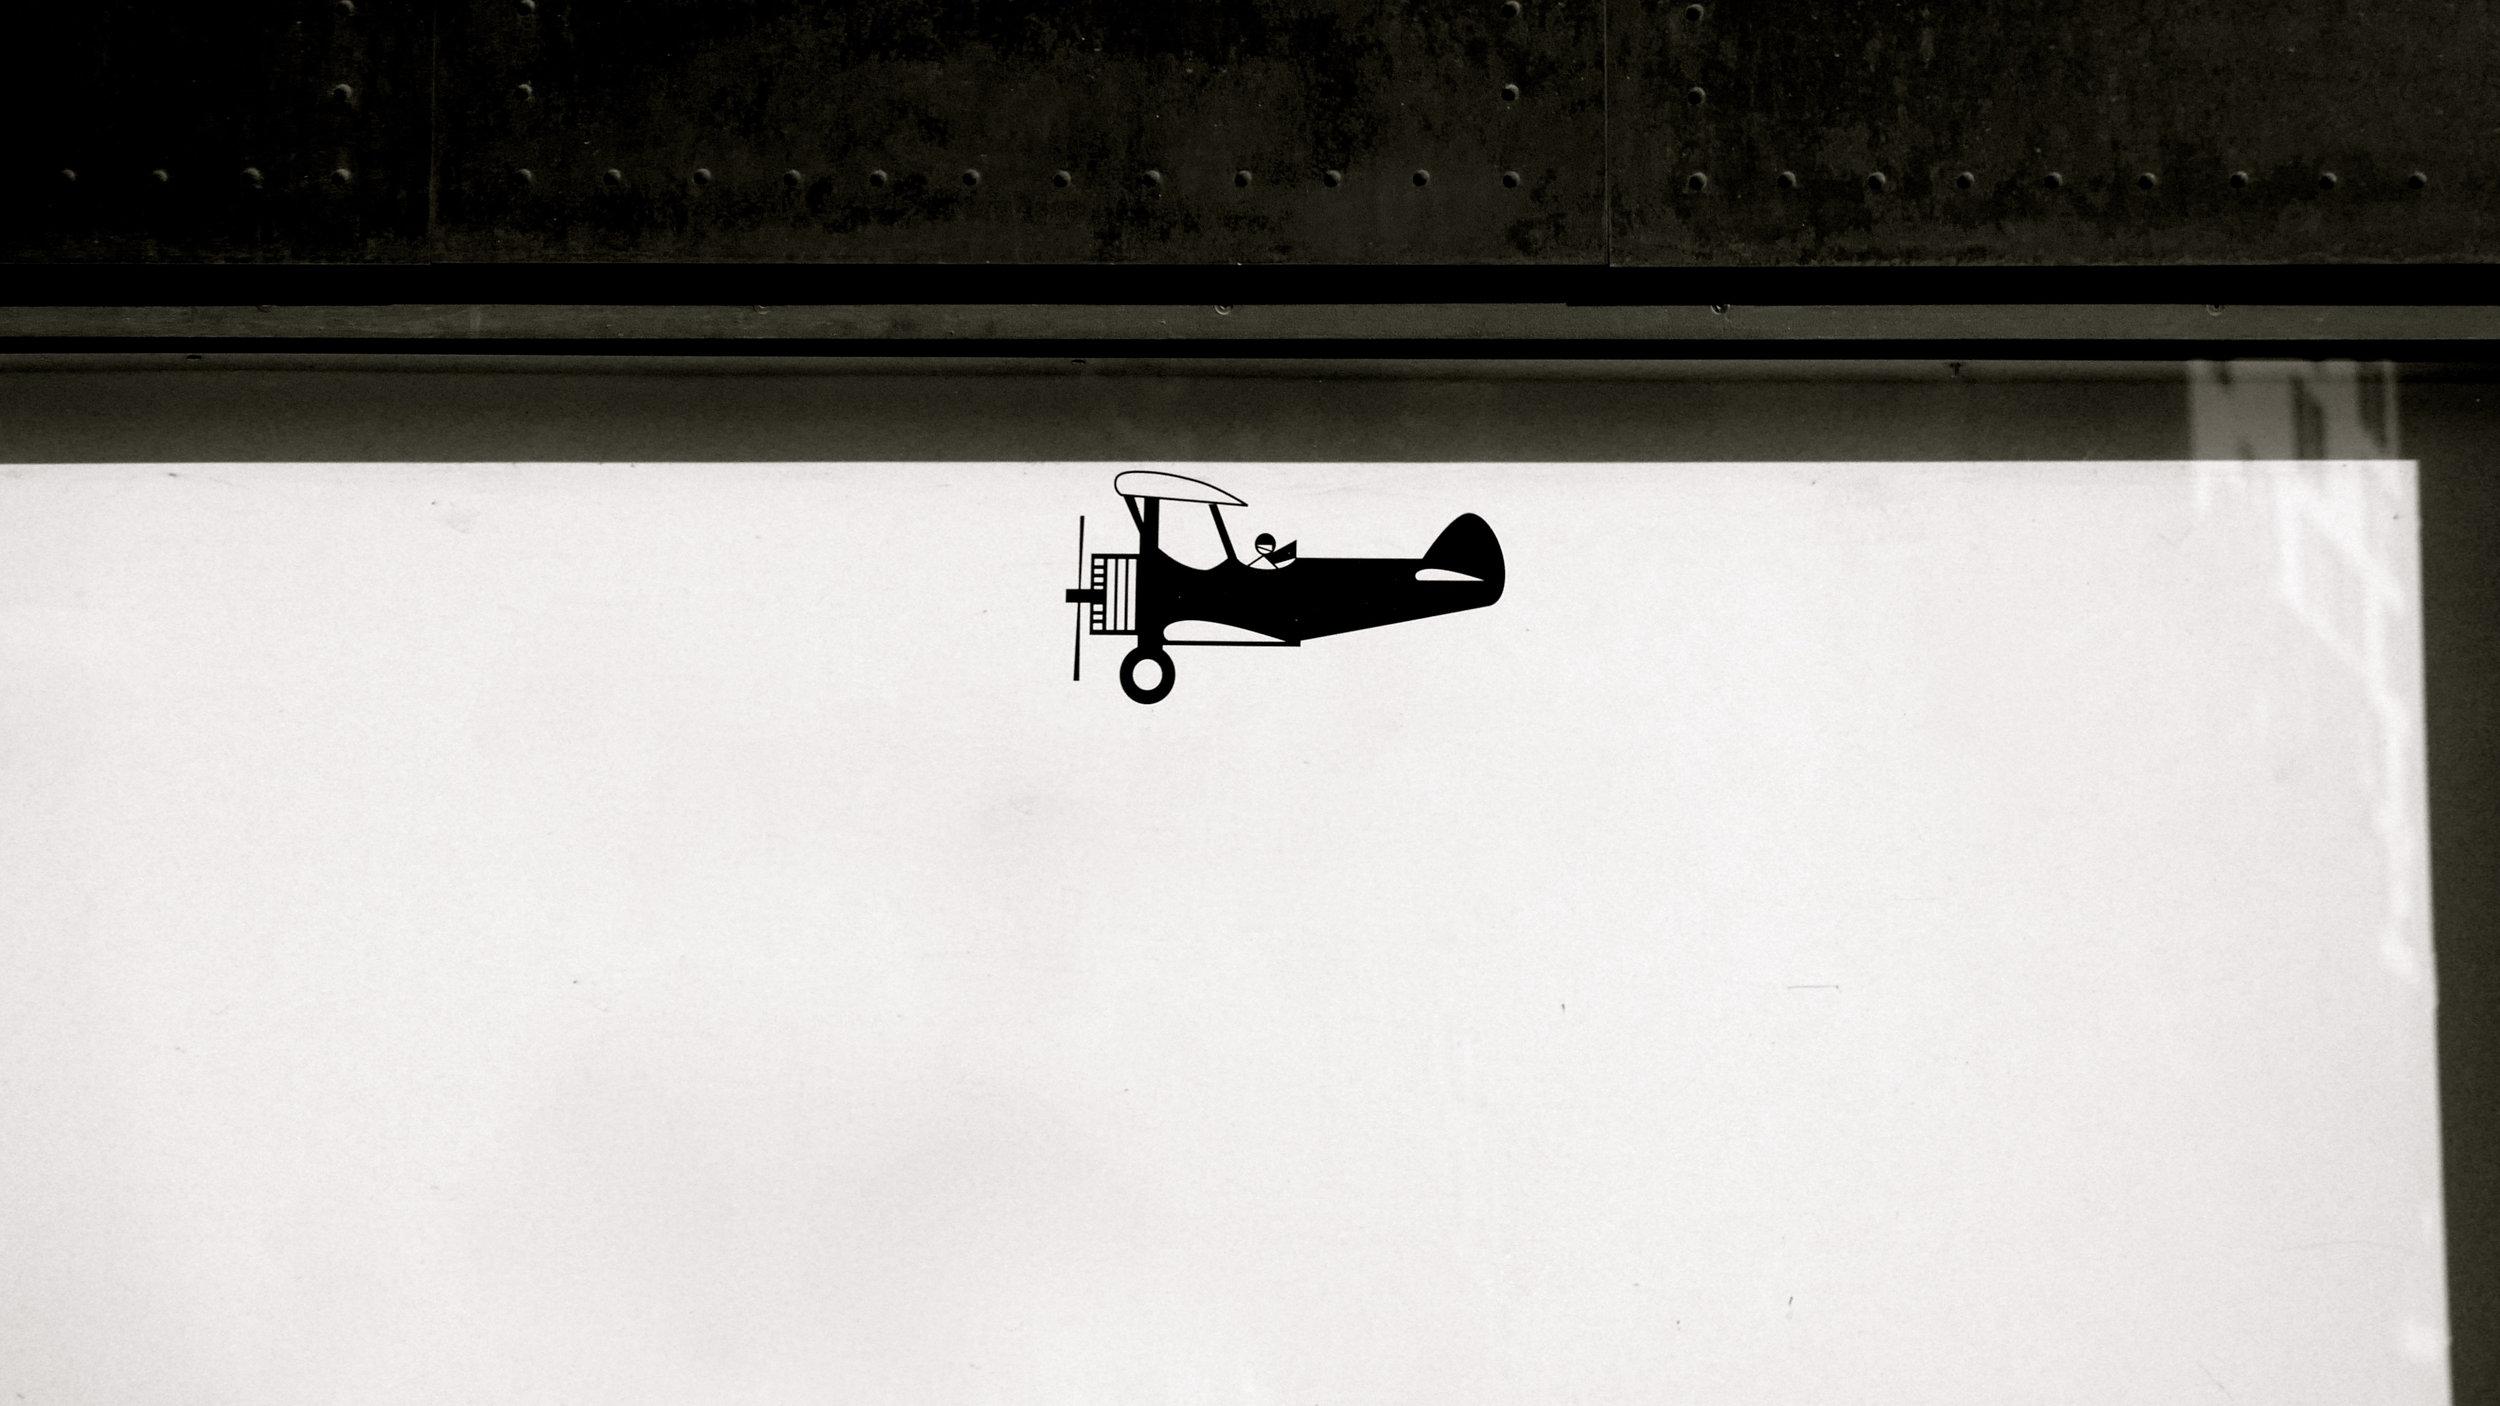 Avión Vickers bn